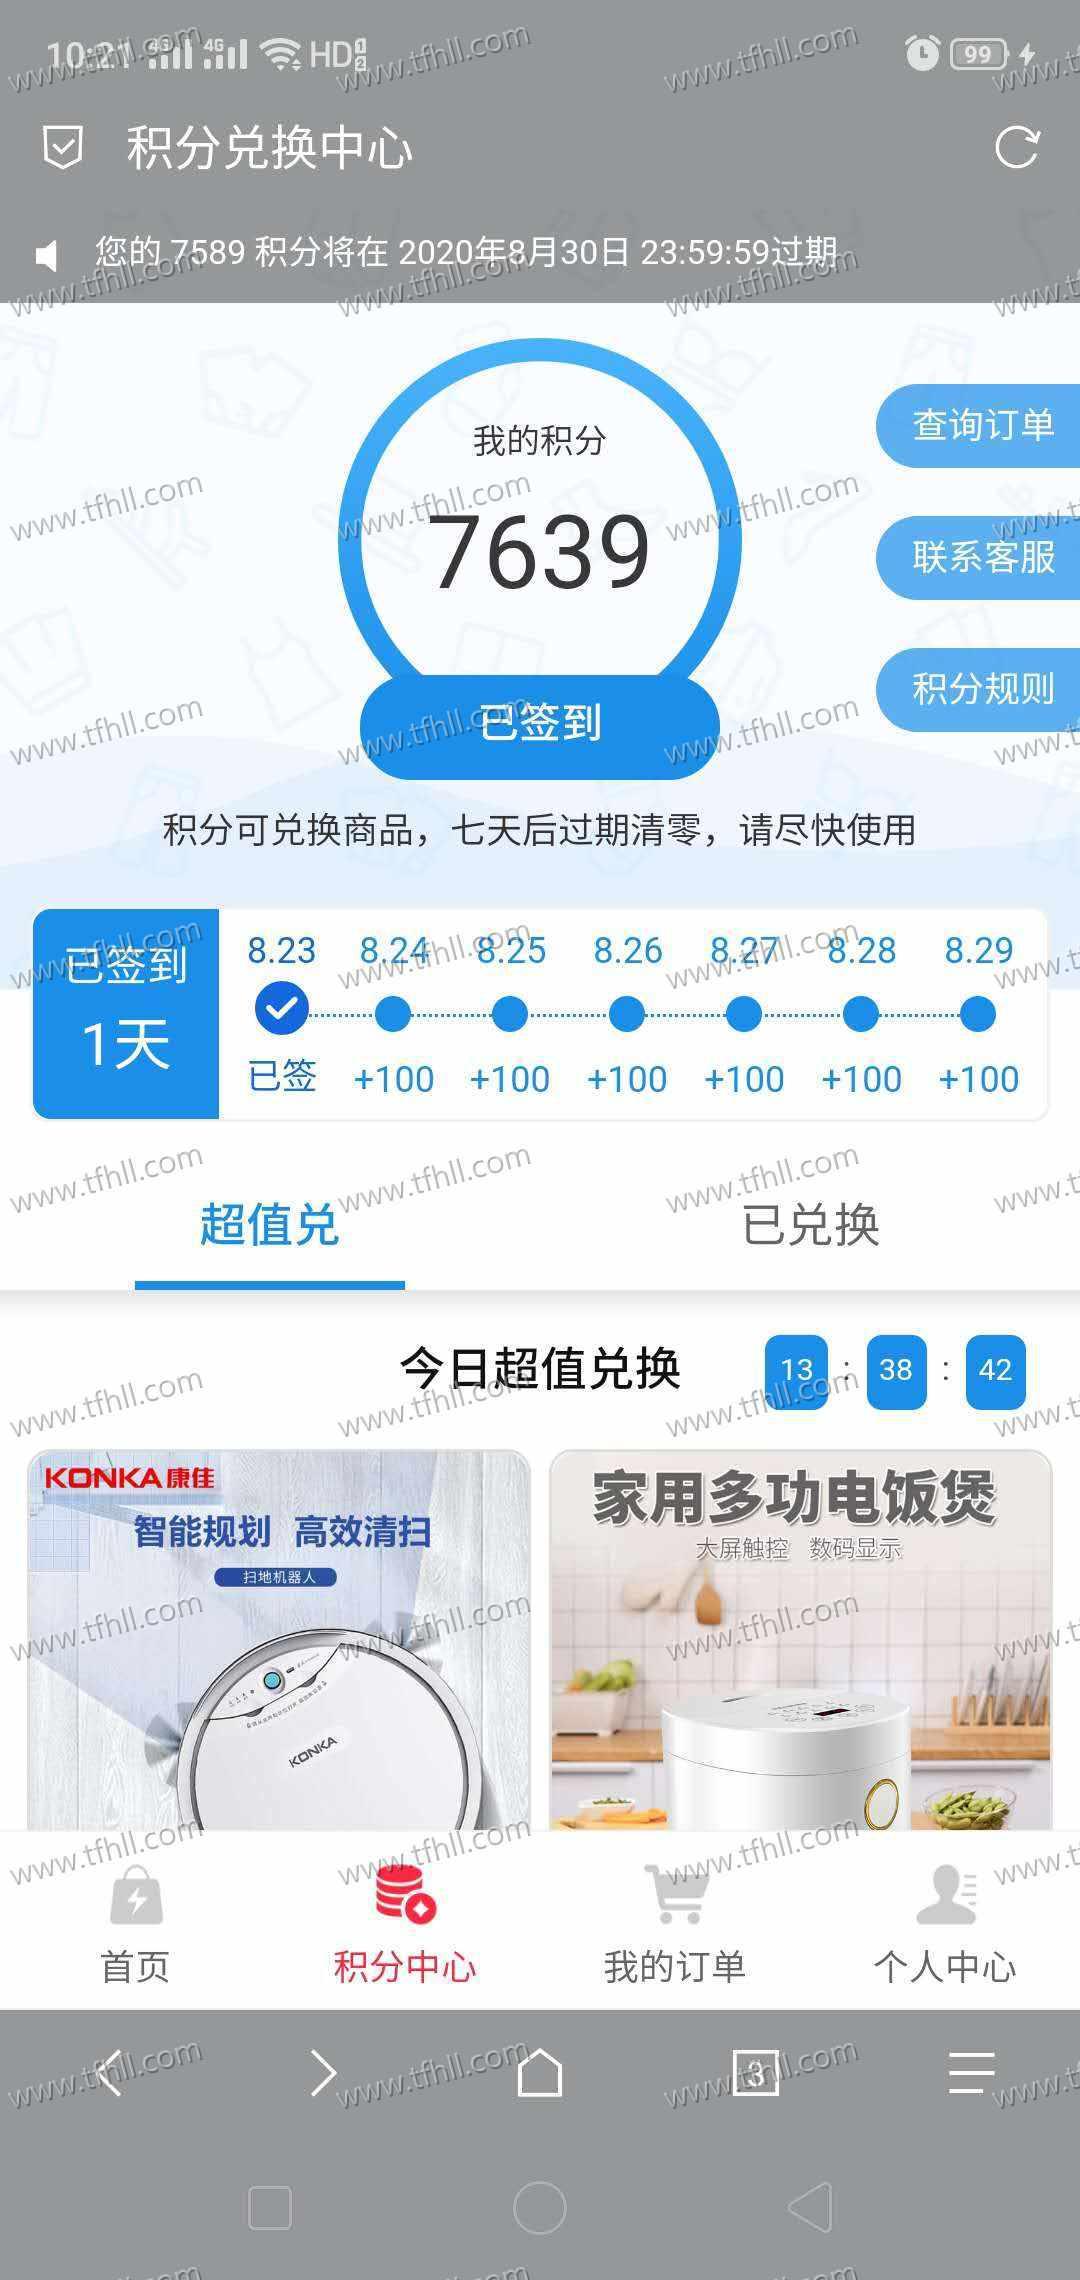 vipyouxuan.cn是骗子网站,什么积分换购买商品大家不要信图片 No.2